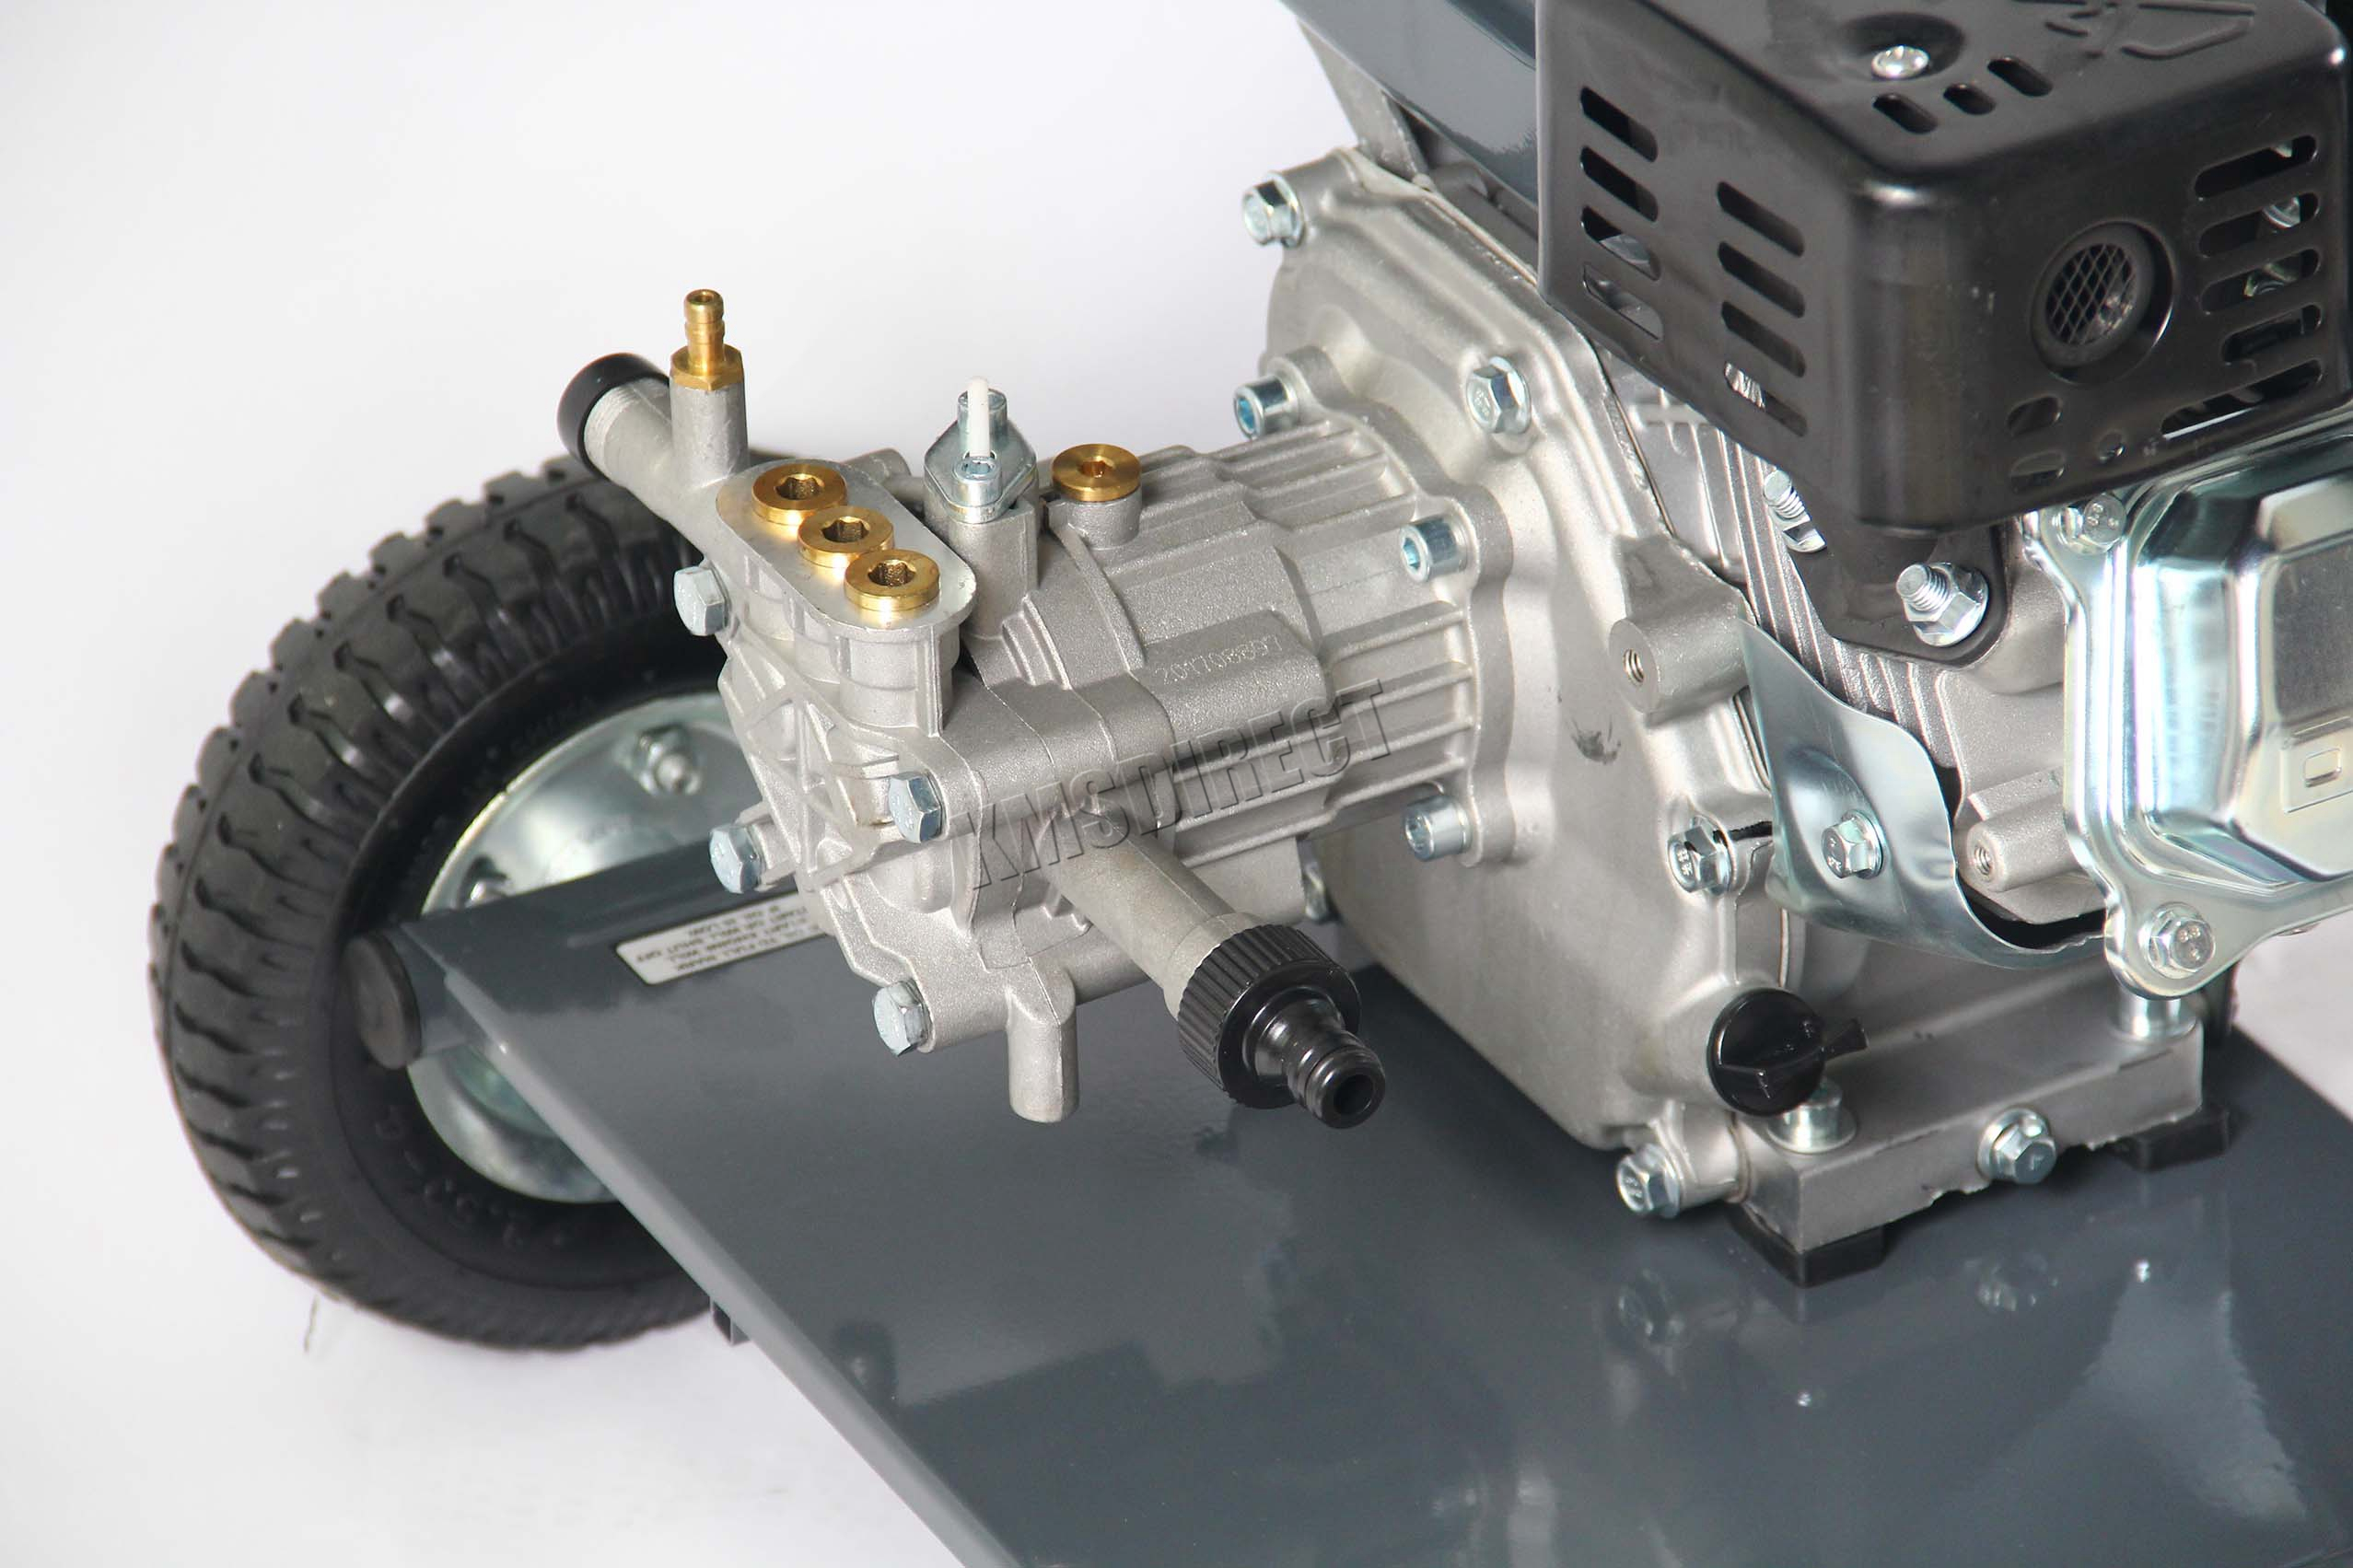 Pressure Washer Gun >> SwitZer Petrol Power Pressure Jet Washer 3000PSI 6.5HP Engine With Gun Hose 5055418302043 | eBay